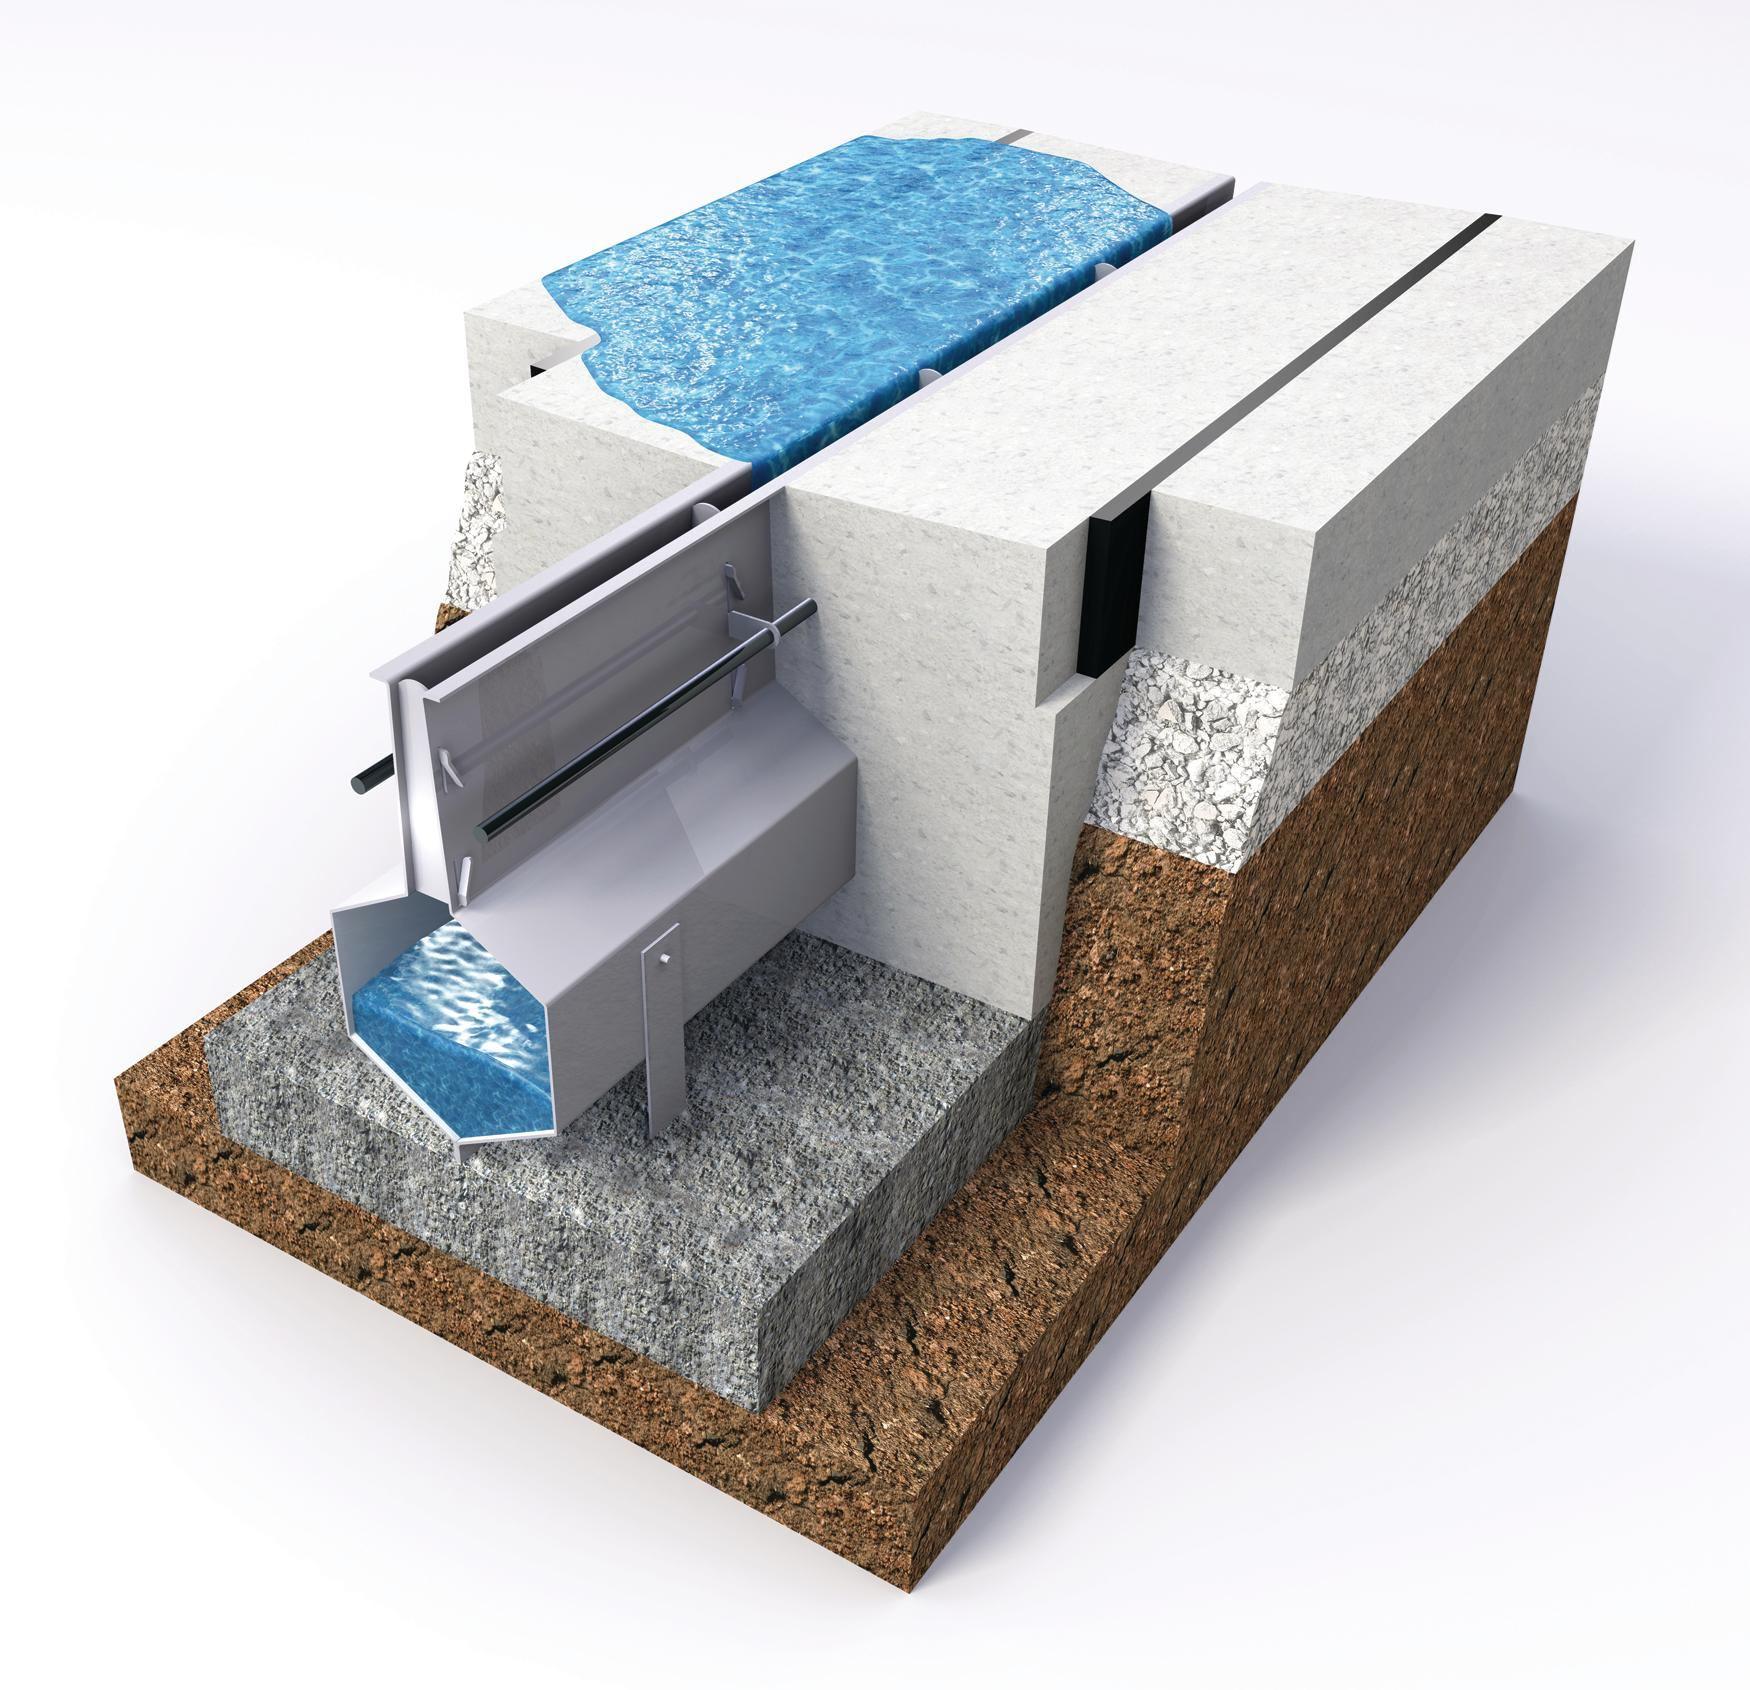 Elkington Gatic Ultraslot F900kn Concrete Construction